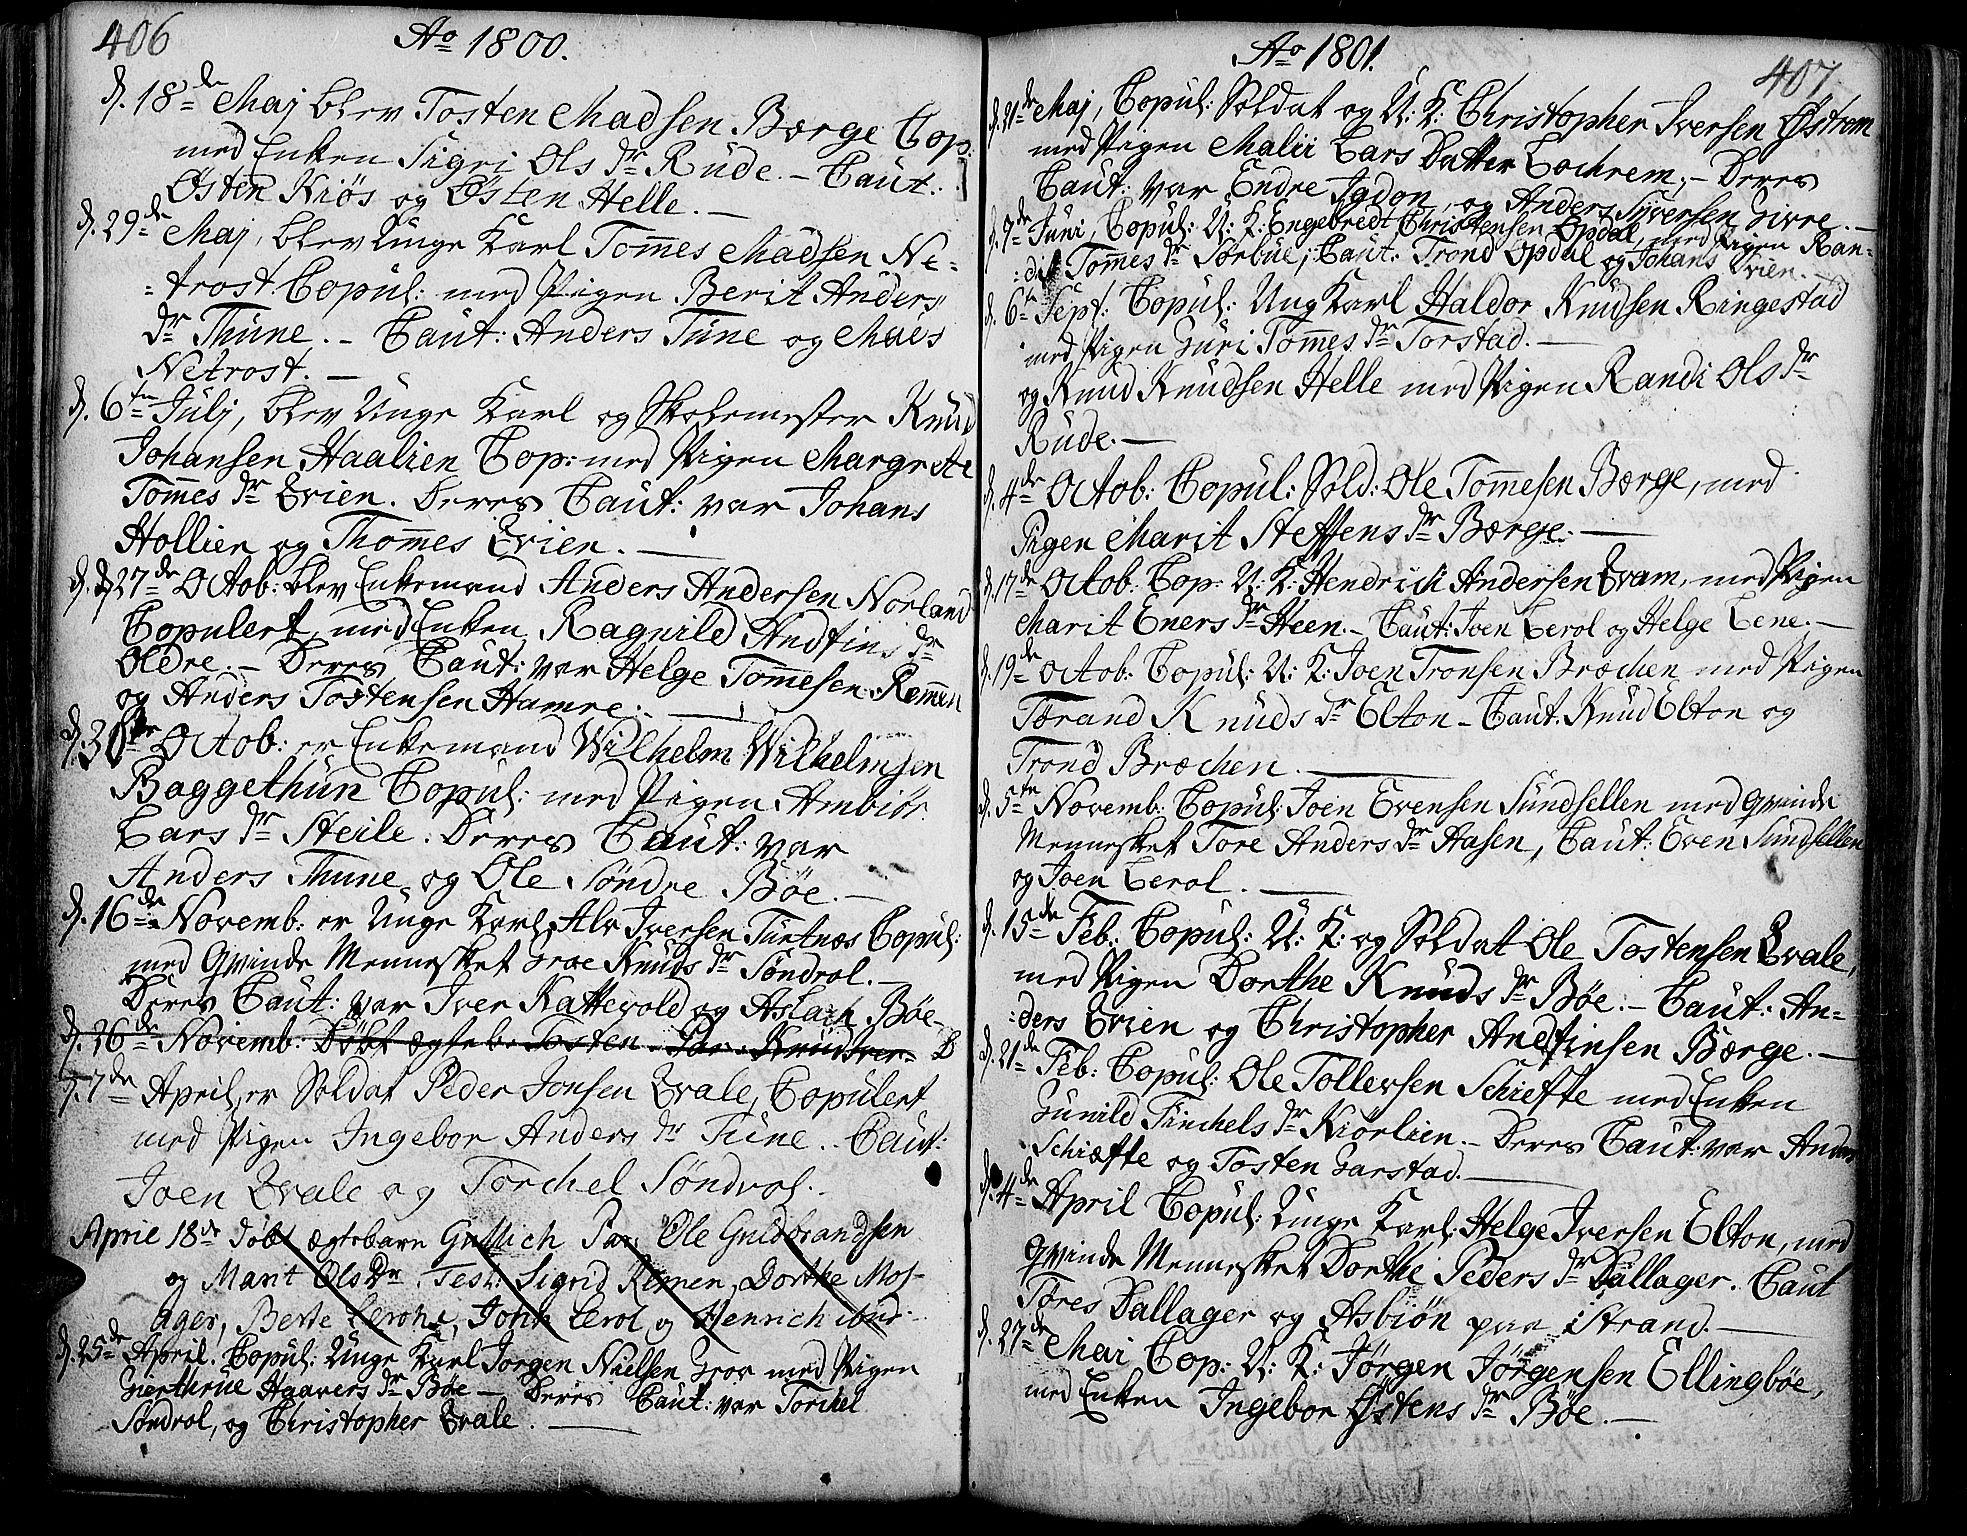 SAH, Vang prestekontor, Valdres, Ministerialbok nr. 2, 1796-1808, s. 406-407